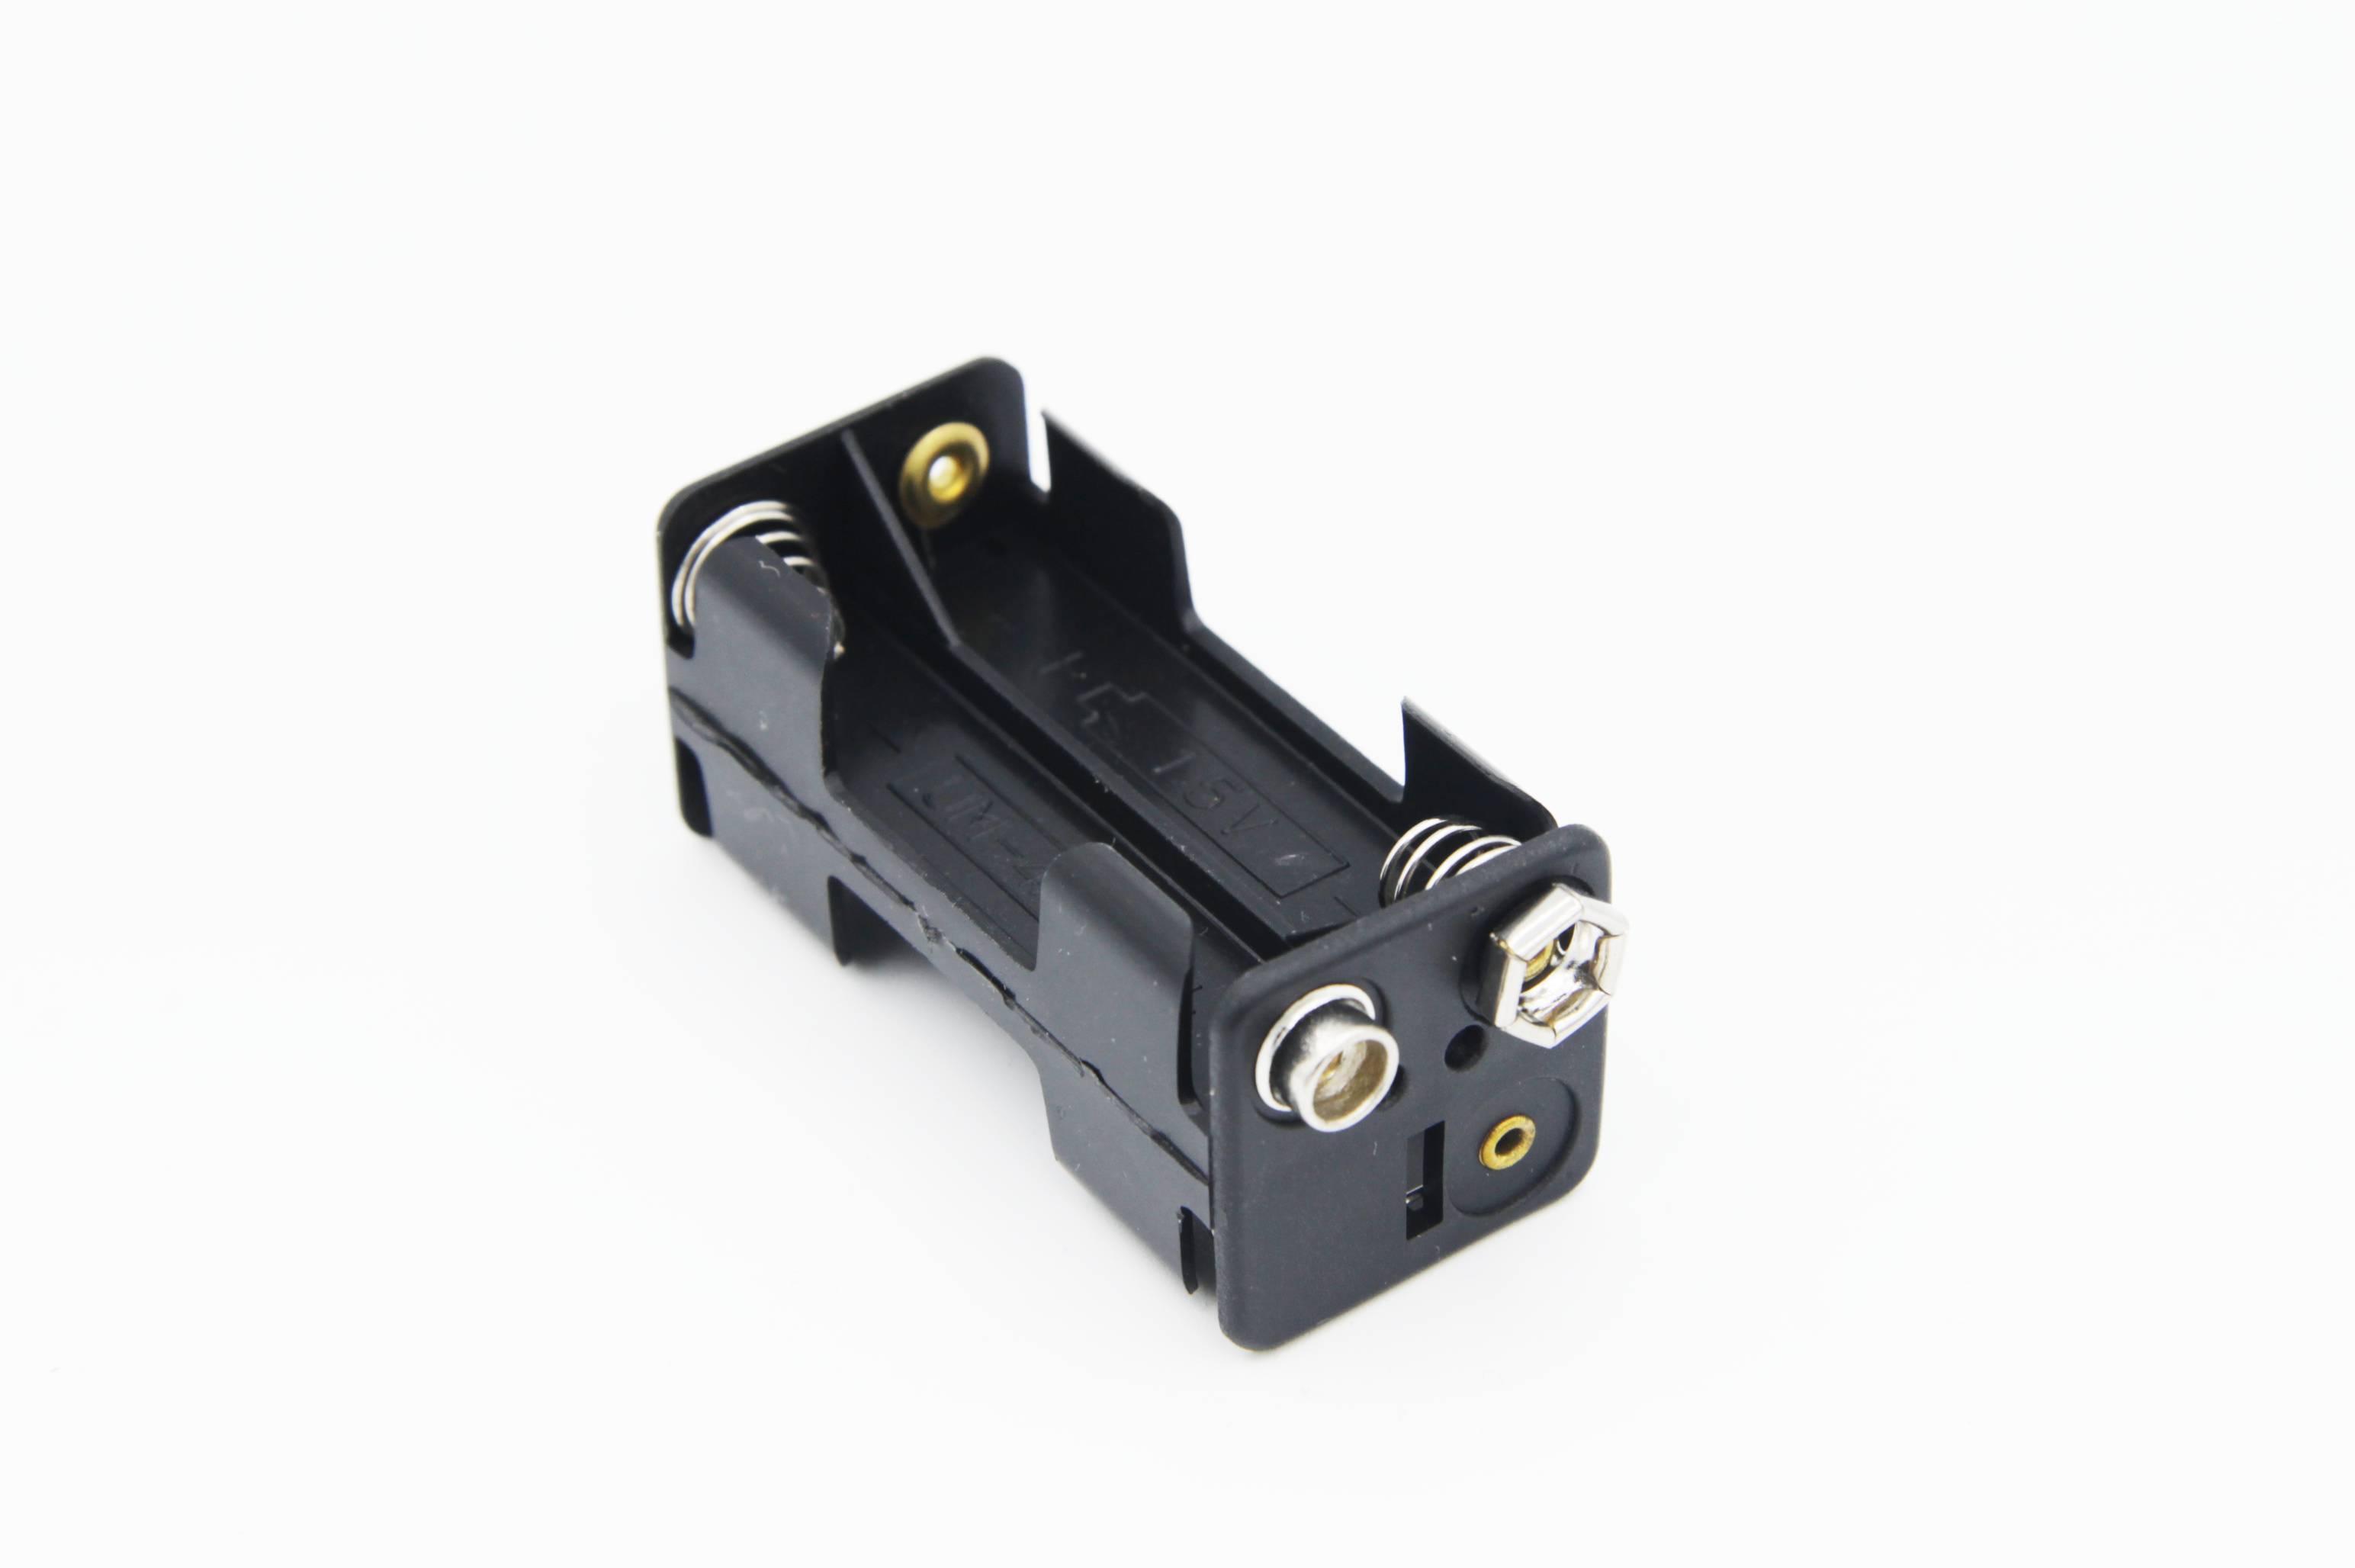 Batteriehalter 4x Micro / AAA Druckknopfanschluss (LxBxH) 53x24x24 mm